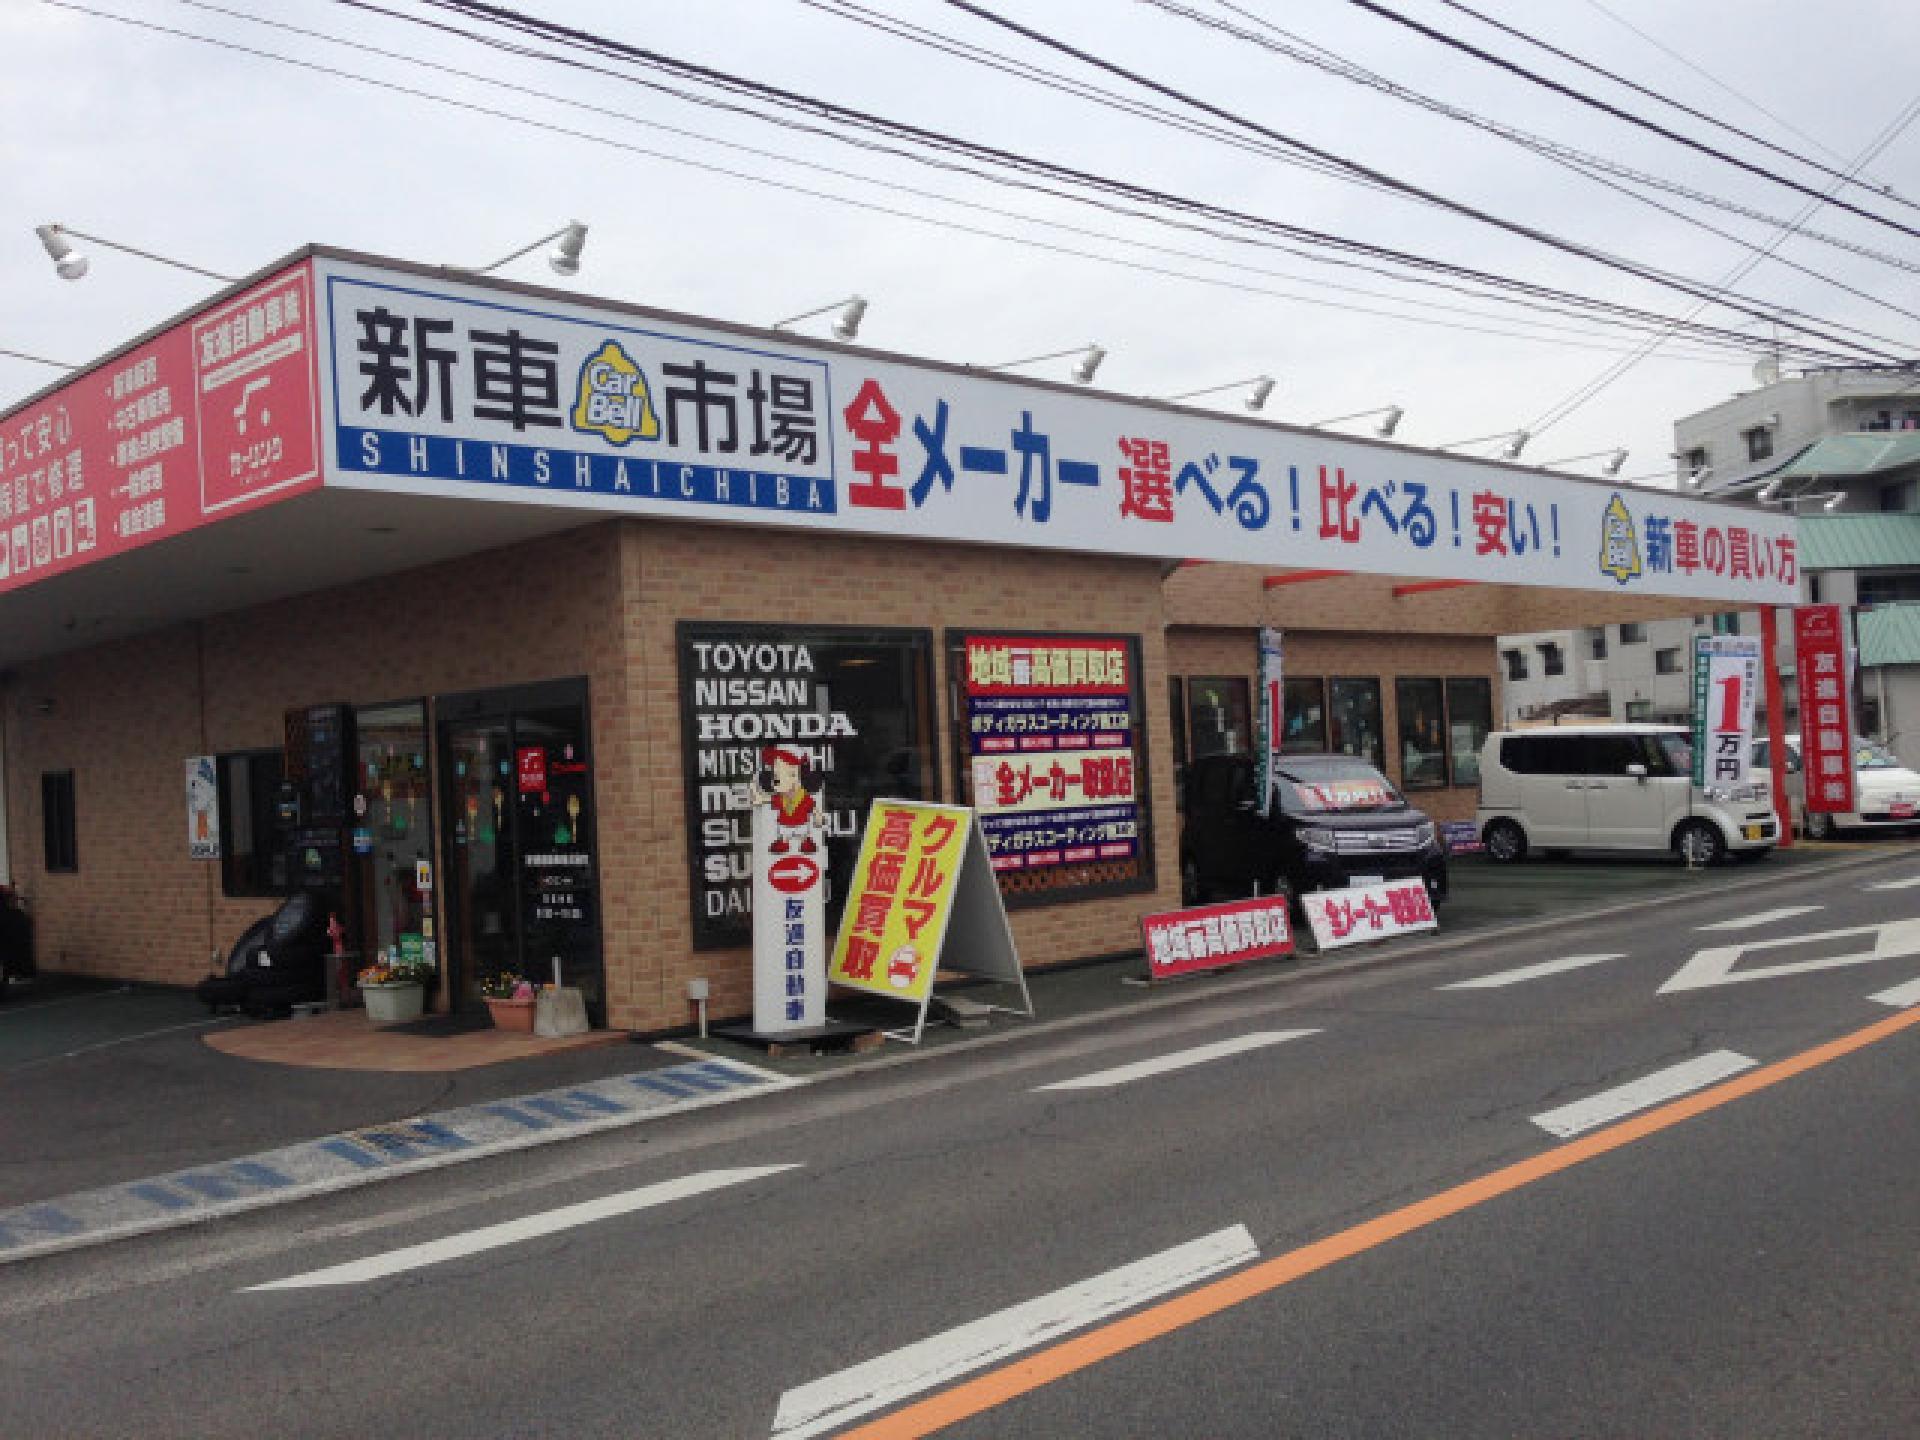 友進自動車株式会社  新車市場  松山中央店